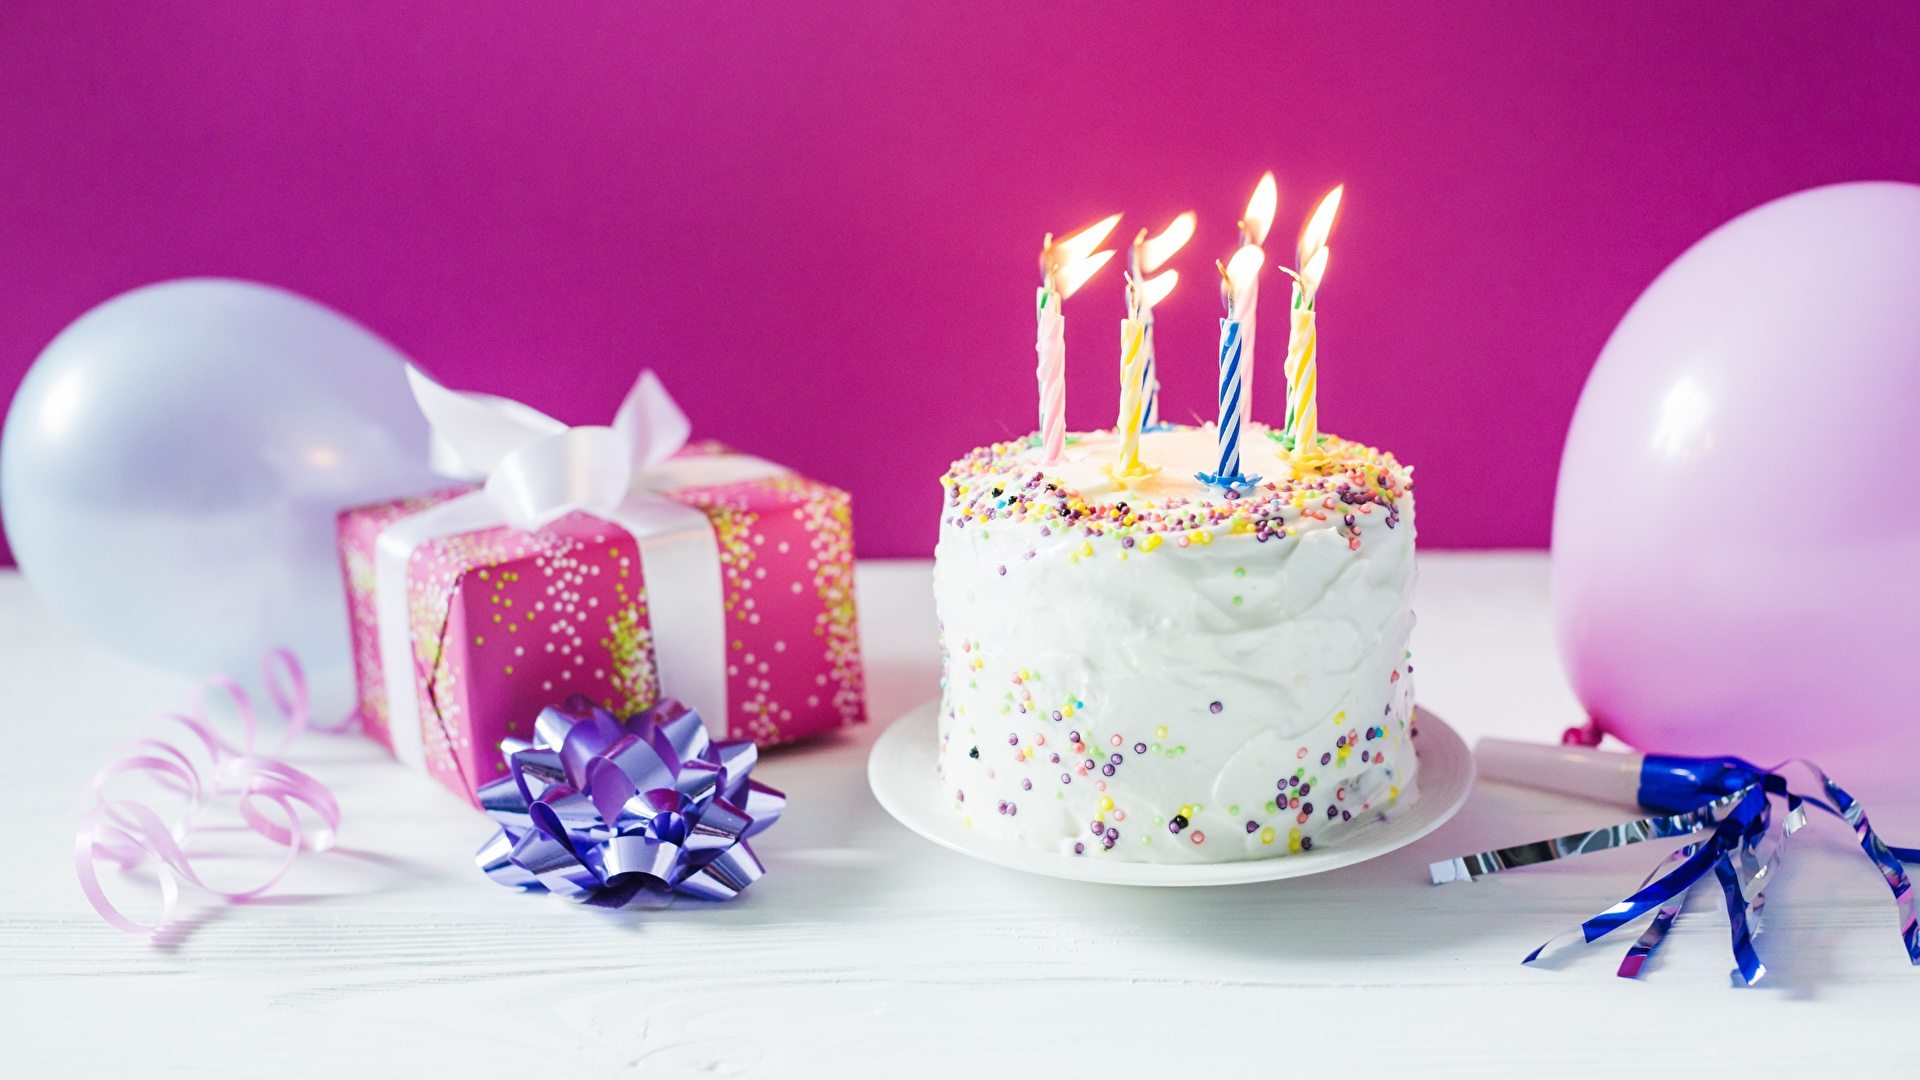 Фотография День рождения Торты подарков Пища Свечи Праздники 1920x1080 Подарки подарок Еда Продукты питания